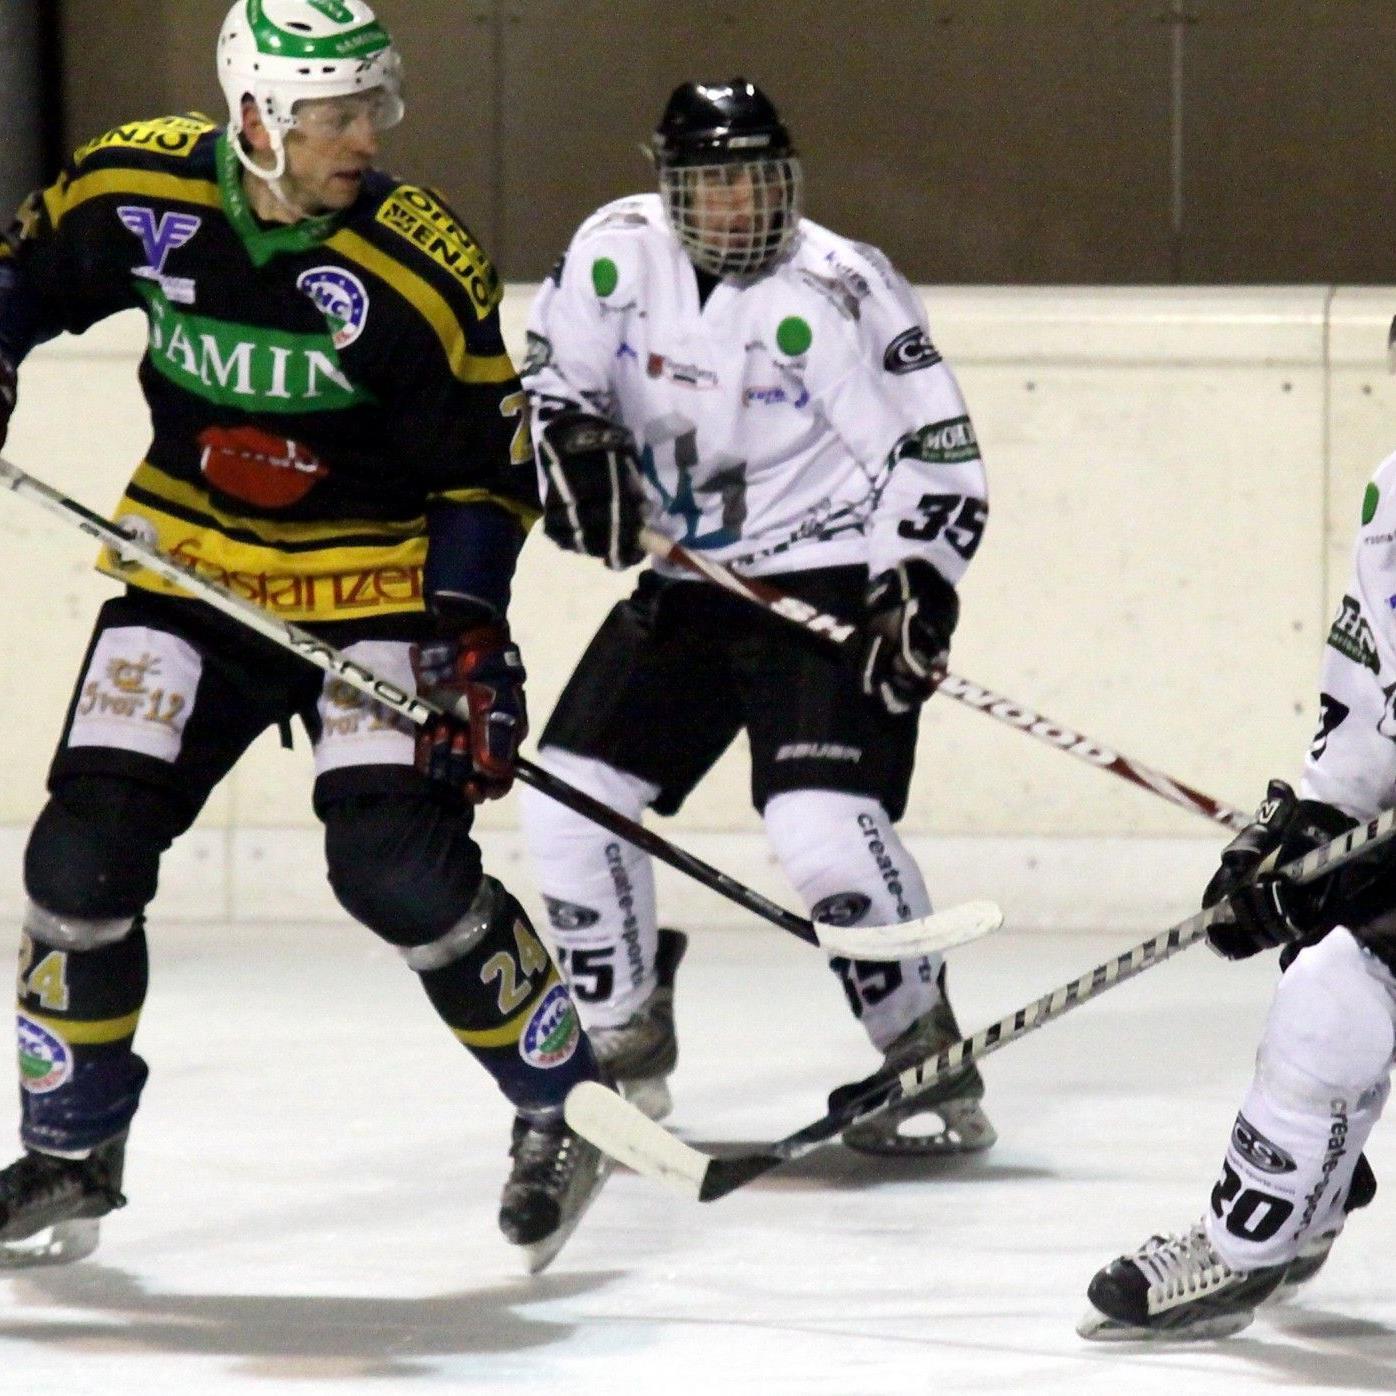 Die vier Spiele im Viertelfinale des VEHV Cup sind nun terminisiert.